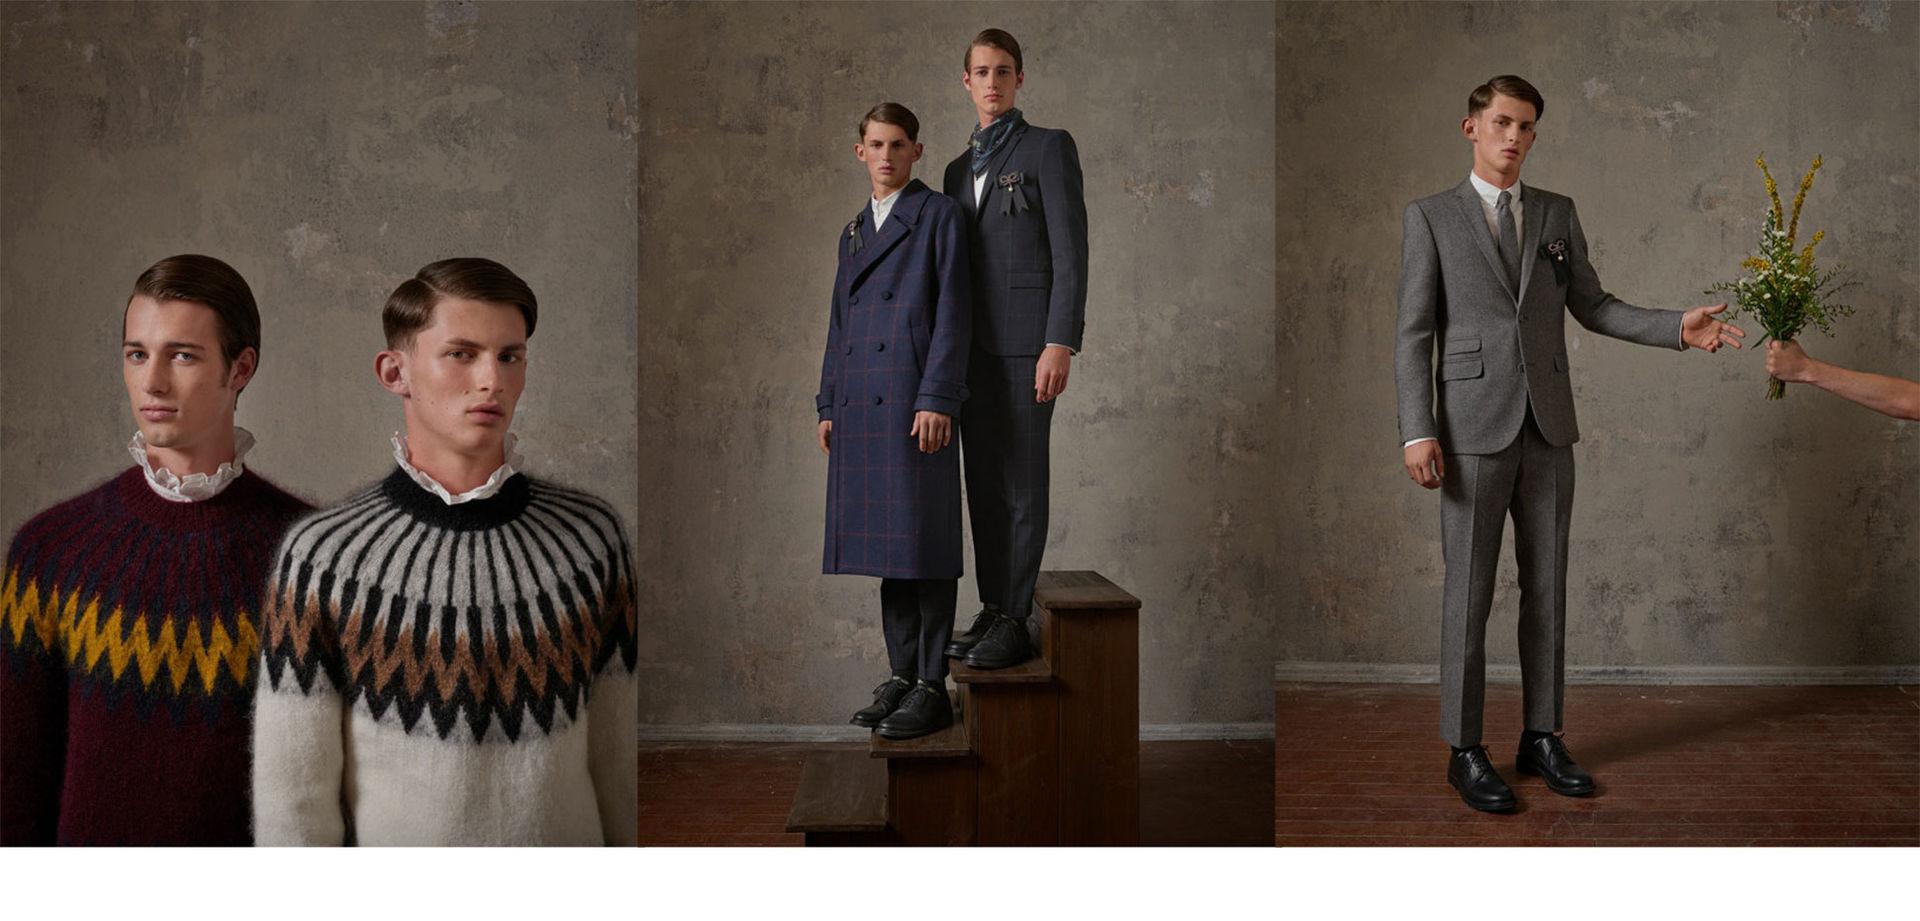 Så här ser H&M och Erdems kollektion ut